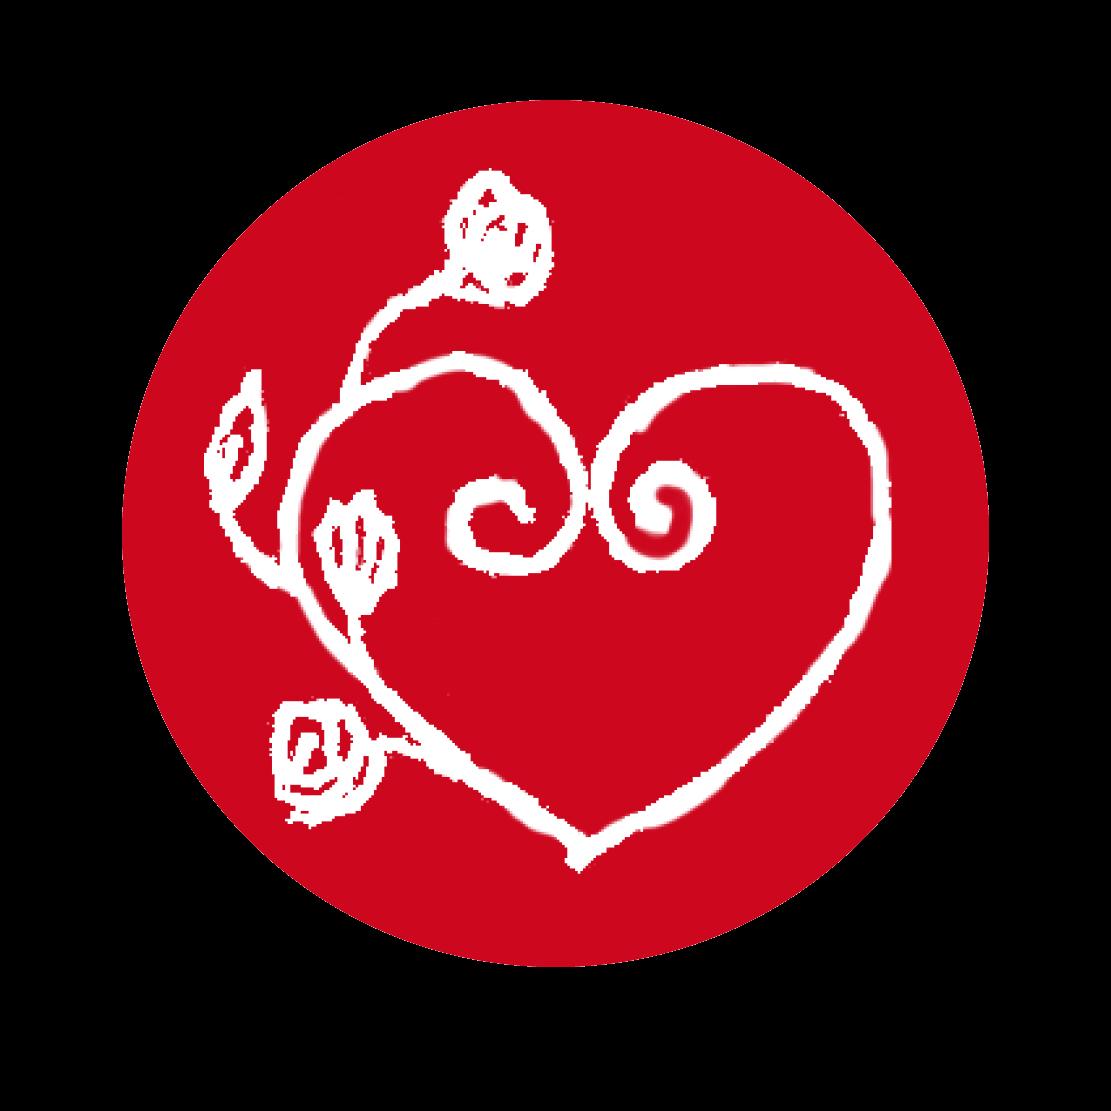 icons-herzensdinge-angela-holzmann